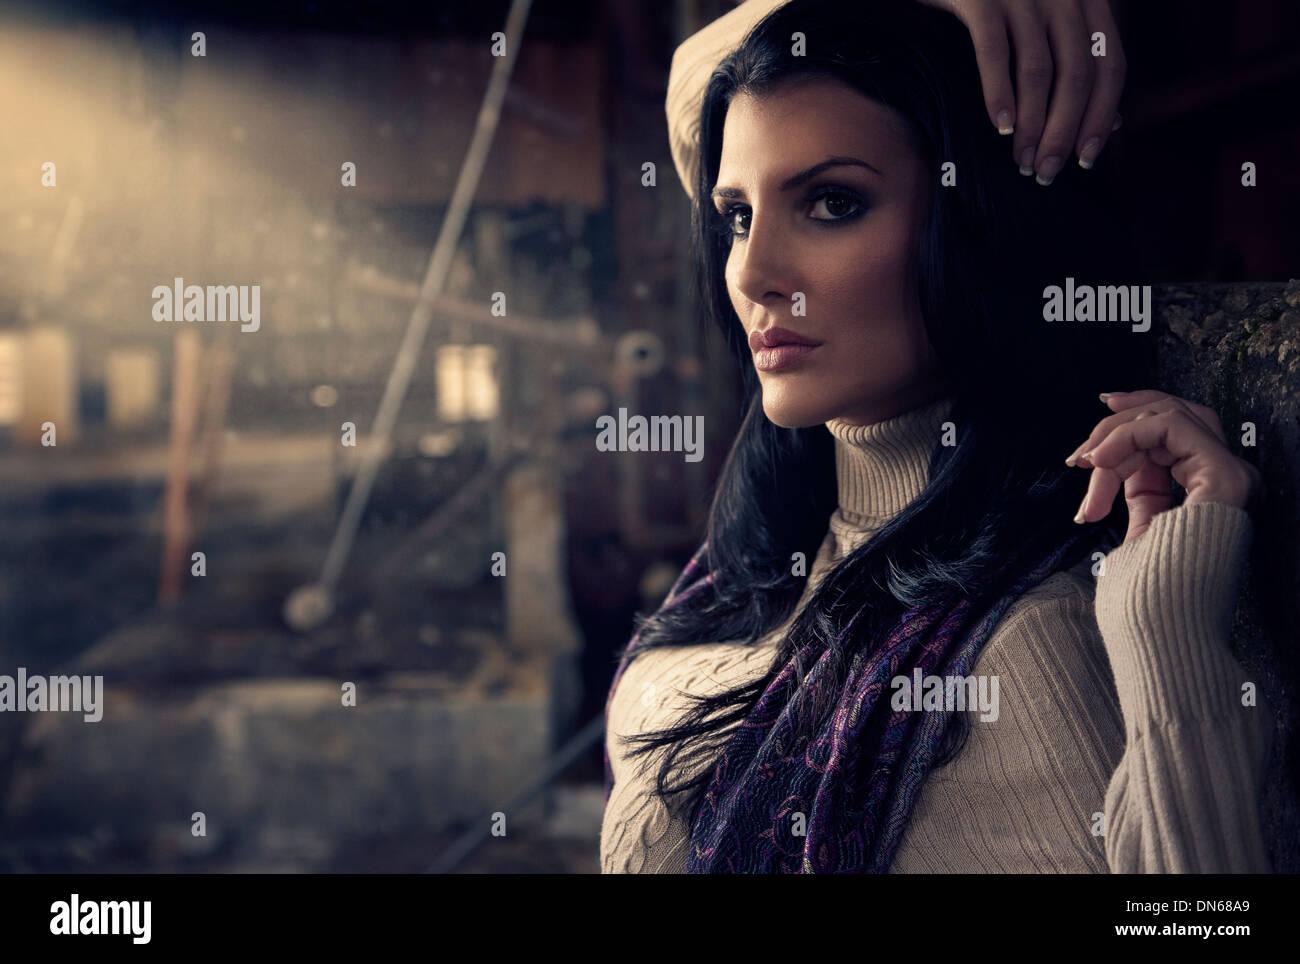 Moda ritratto di donna in magazzino abbandonato con fascio luminoso Immagini Stock